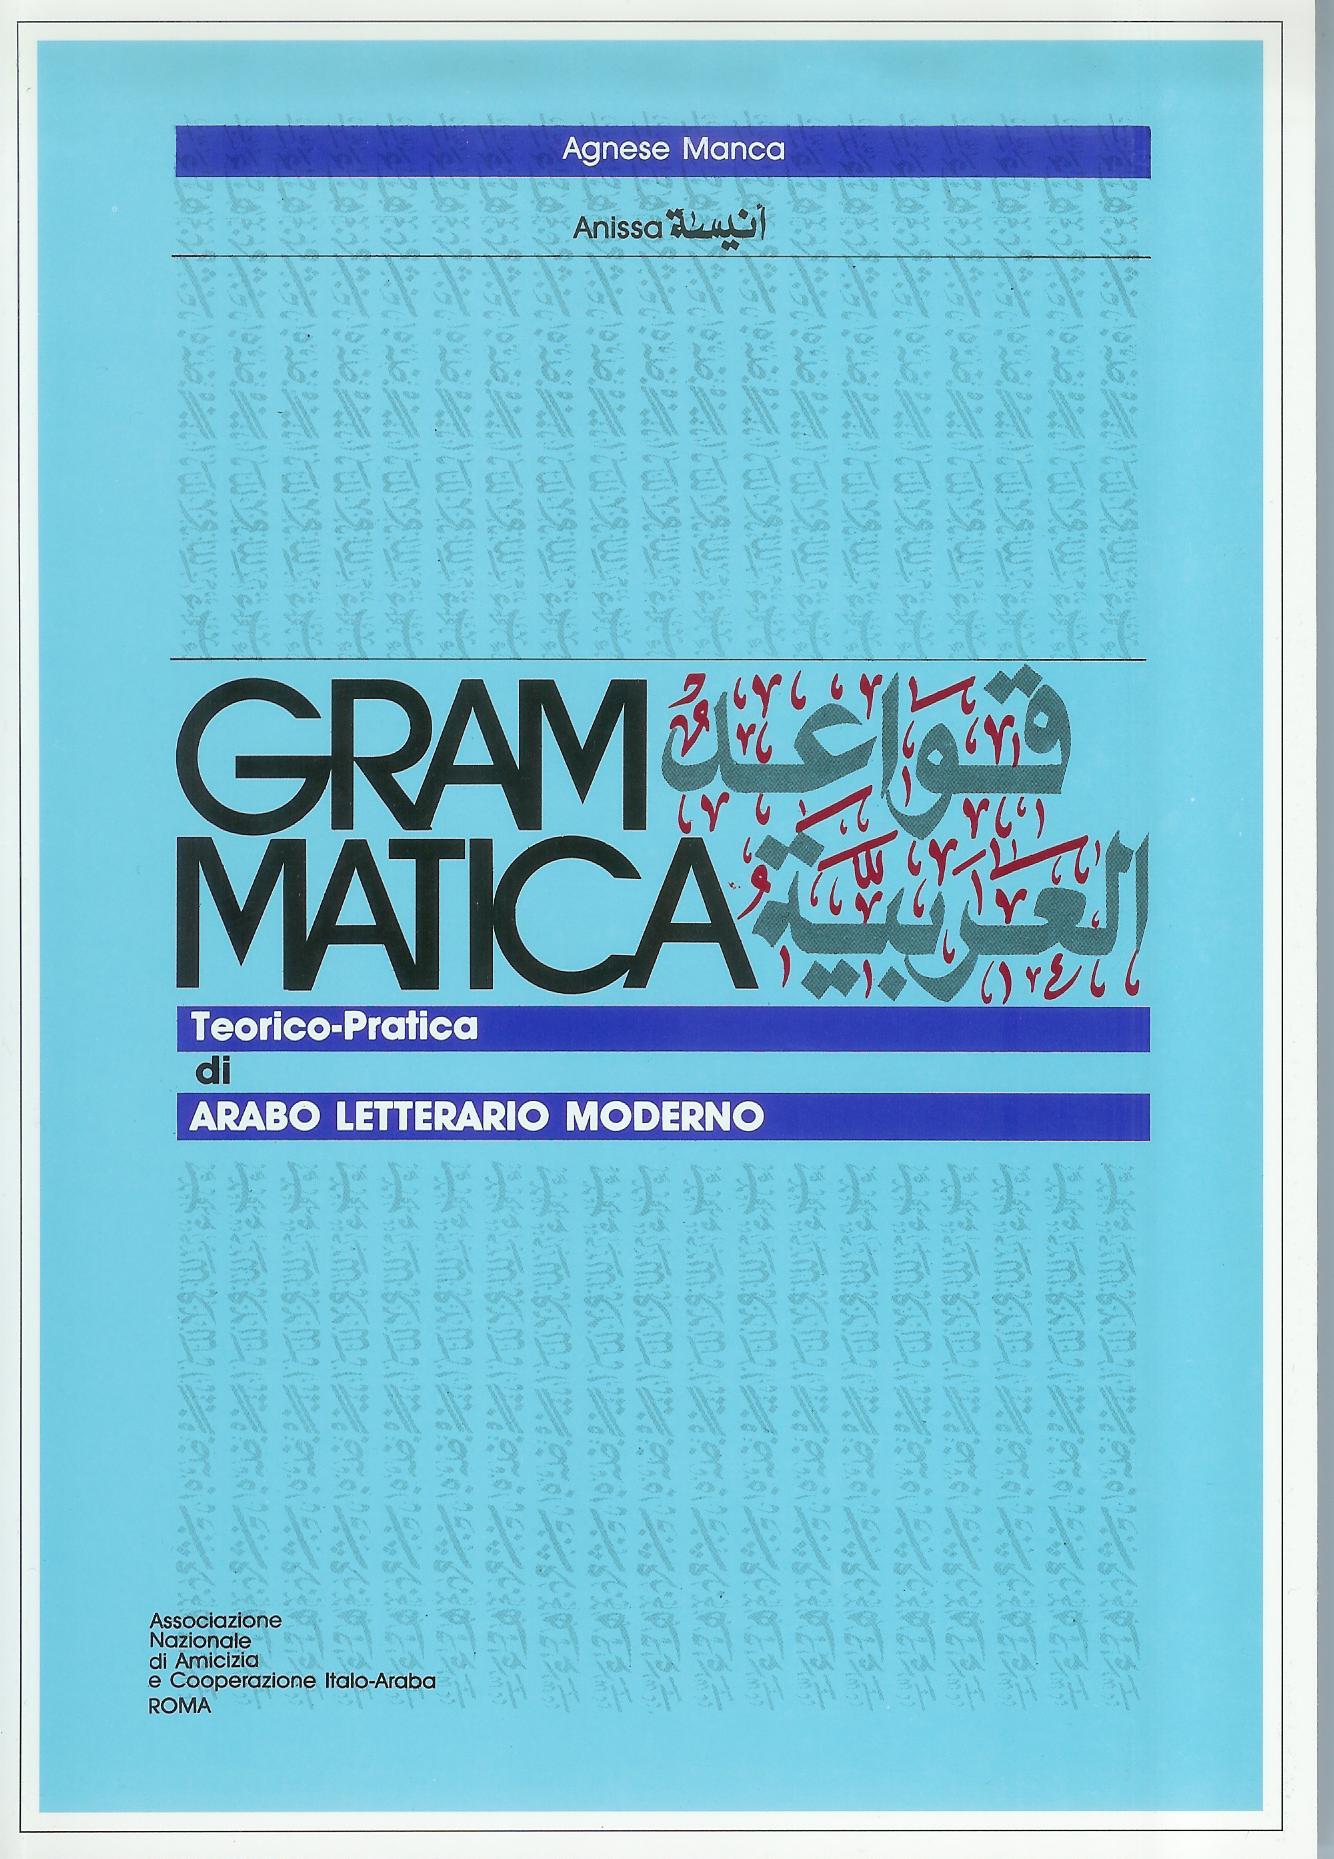 Grammatica (teorico-pratica) di arabo letterario moderno